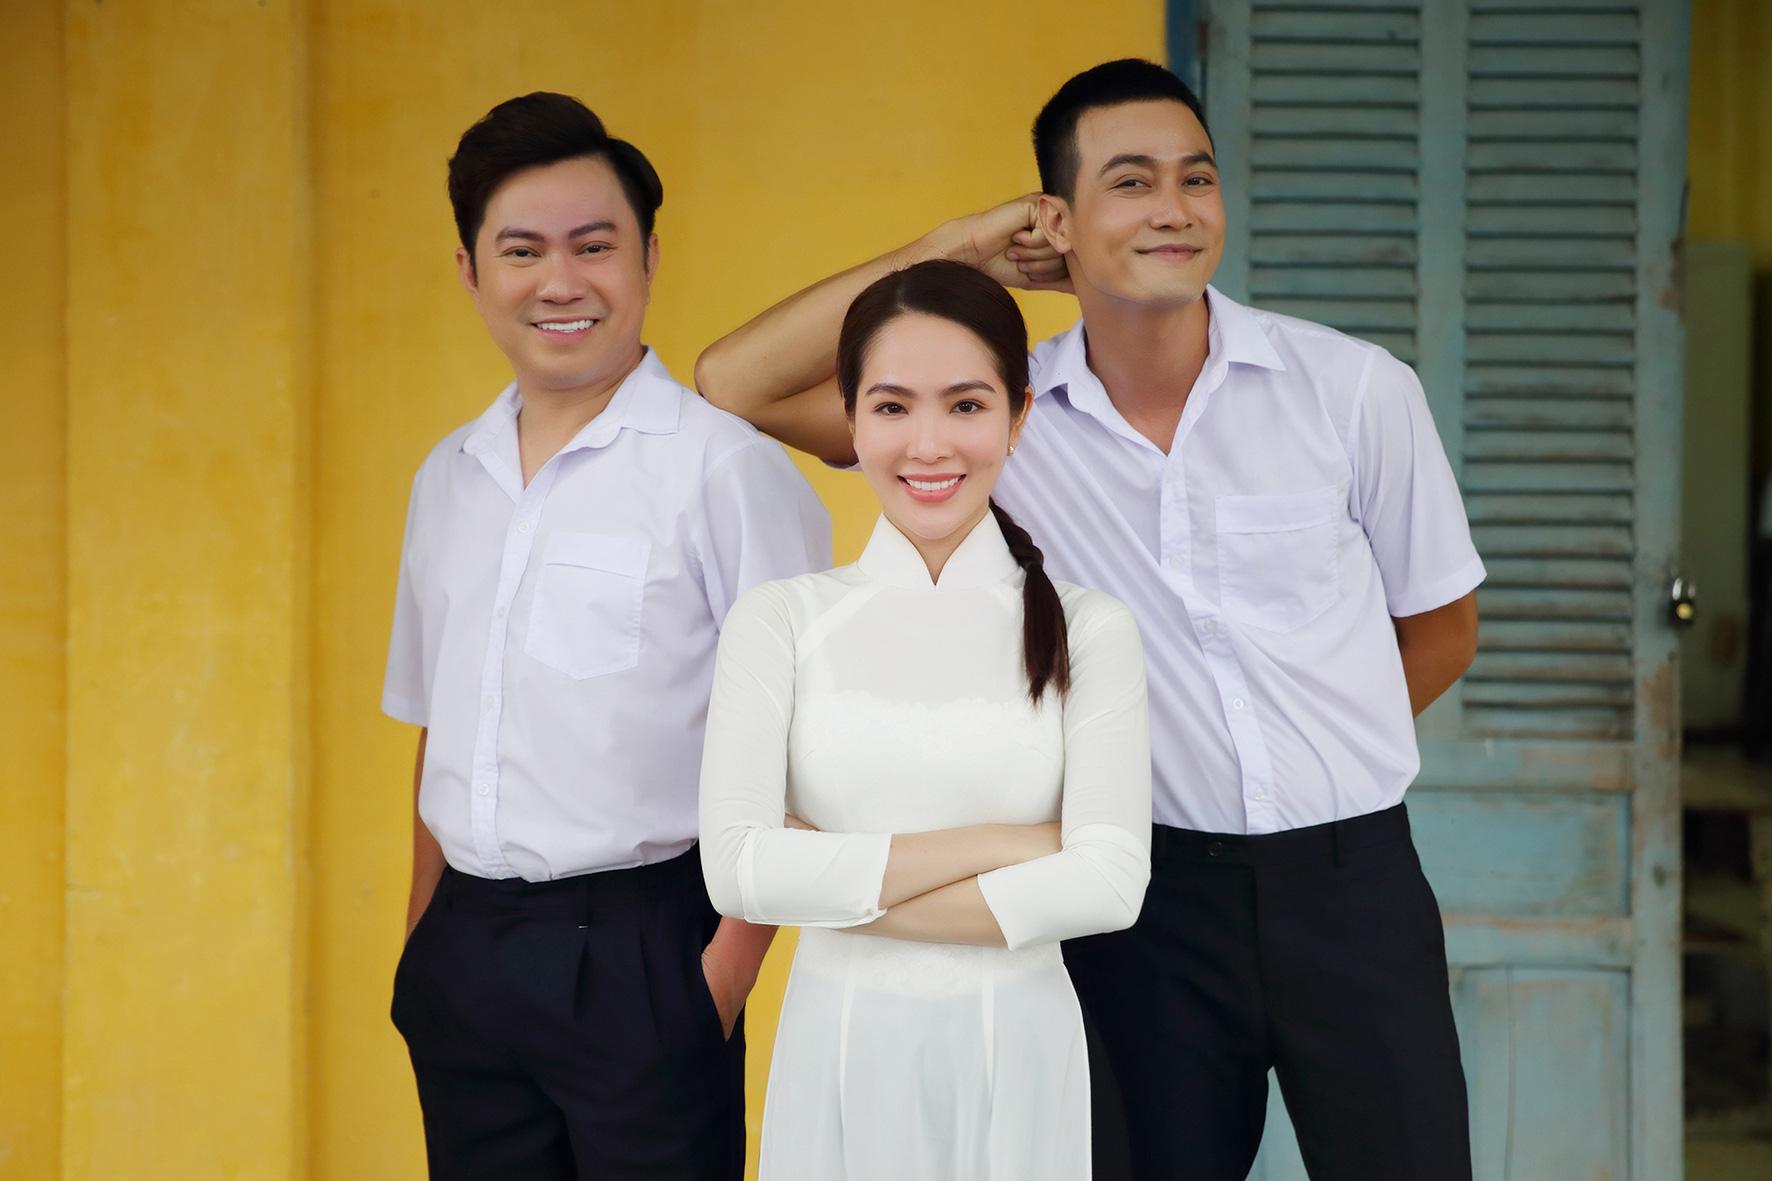 Dương Kim Ánh tung trailer phim ca nhạc kết hợp cùng Quốc Đại - Ảnh 4.